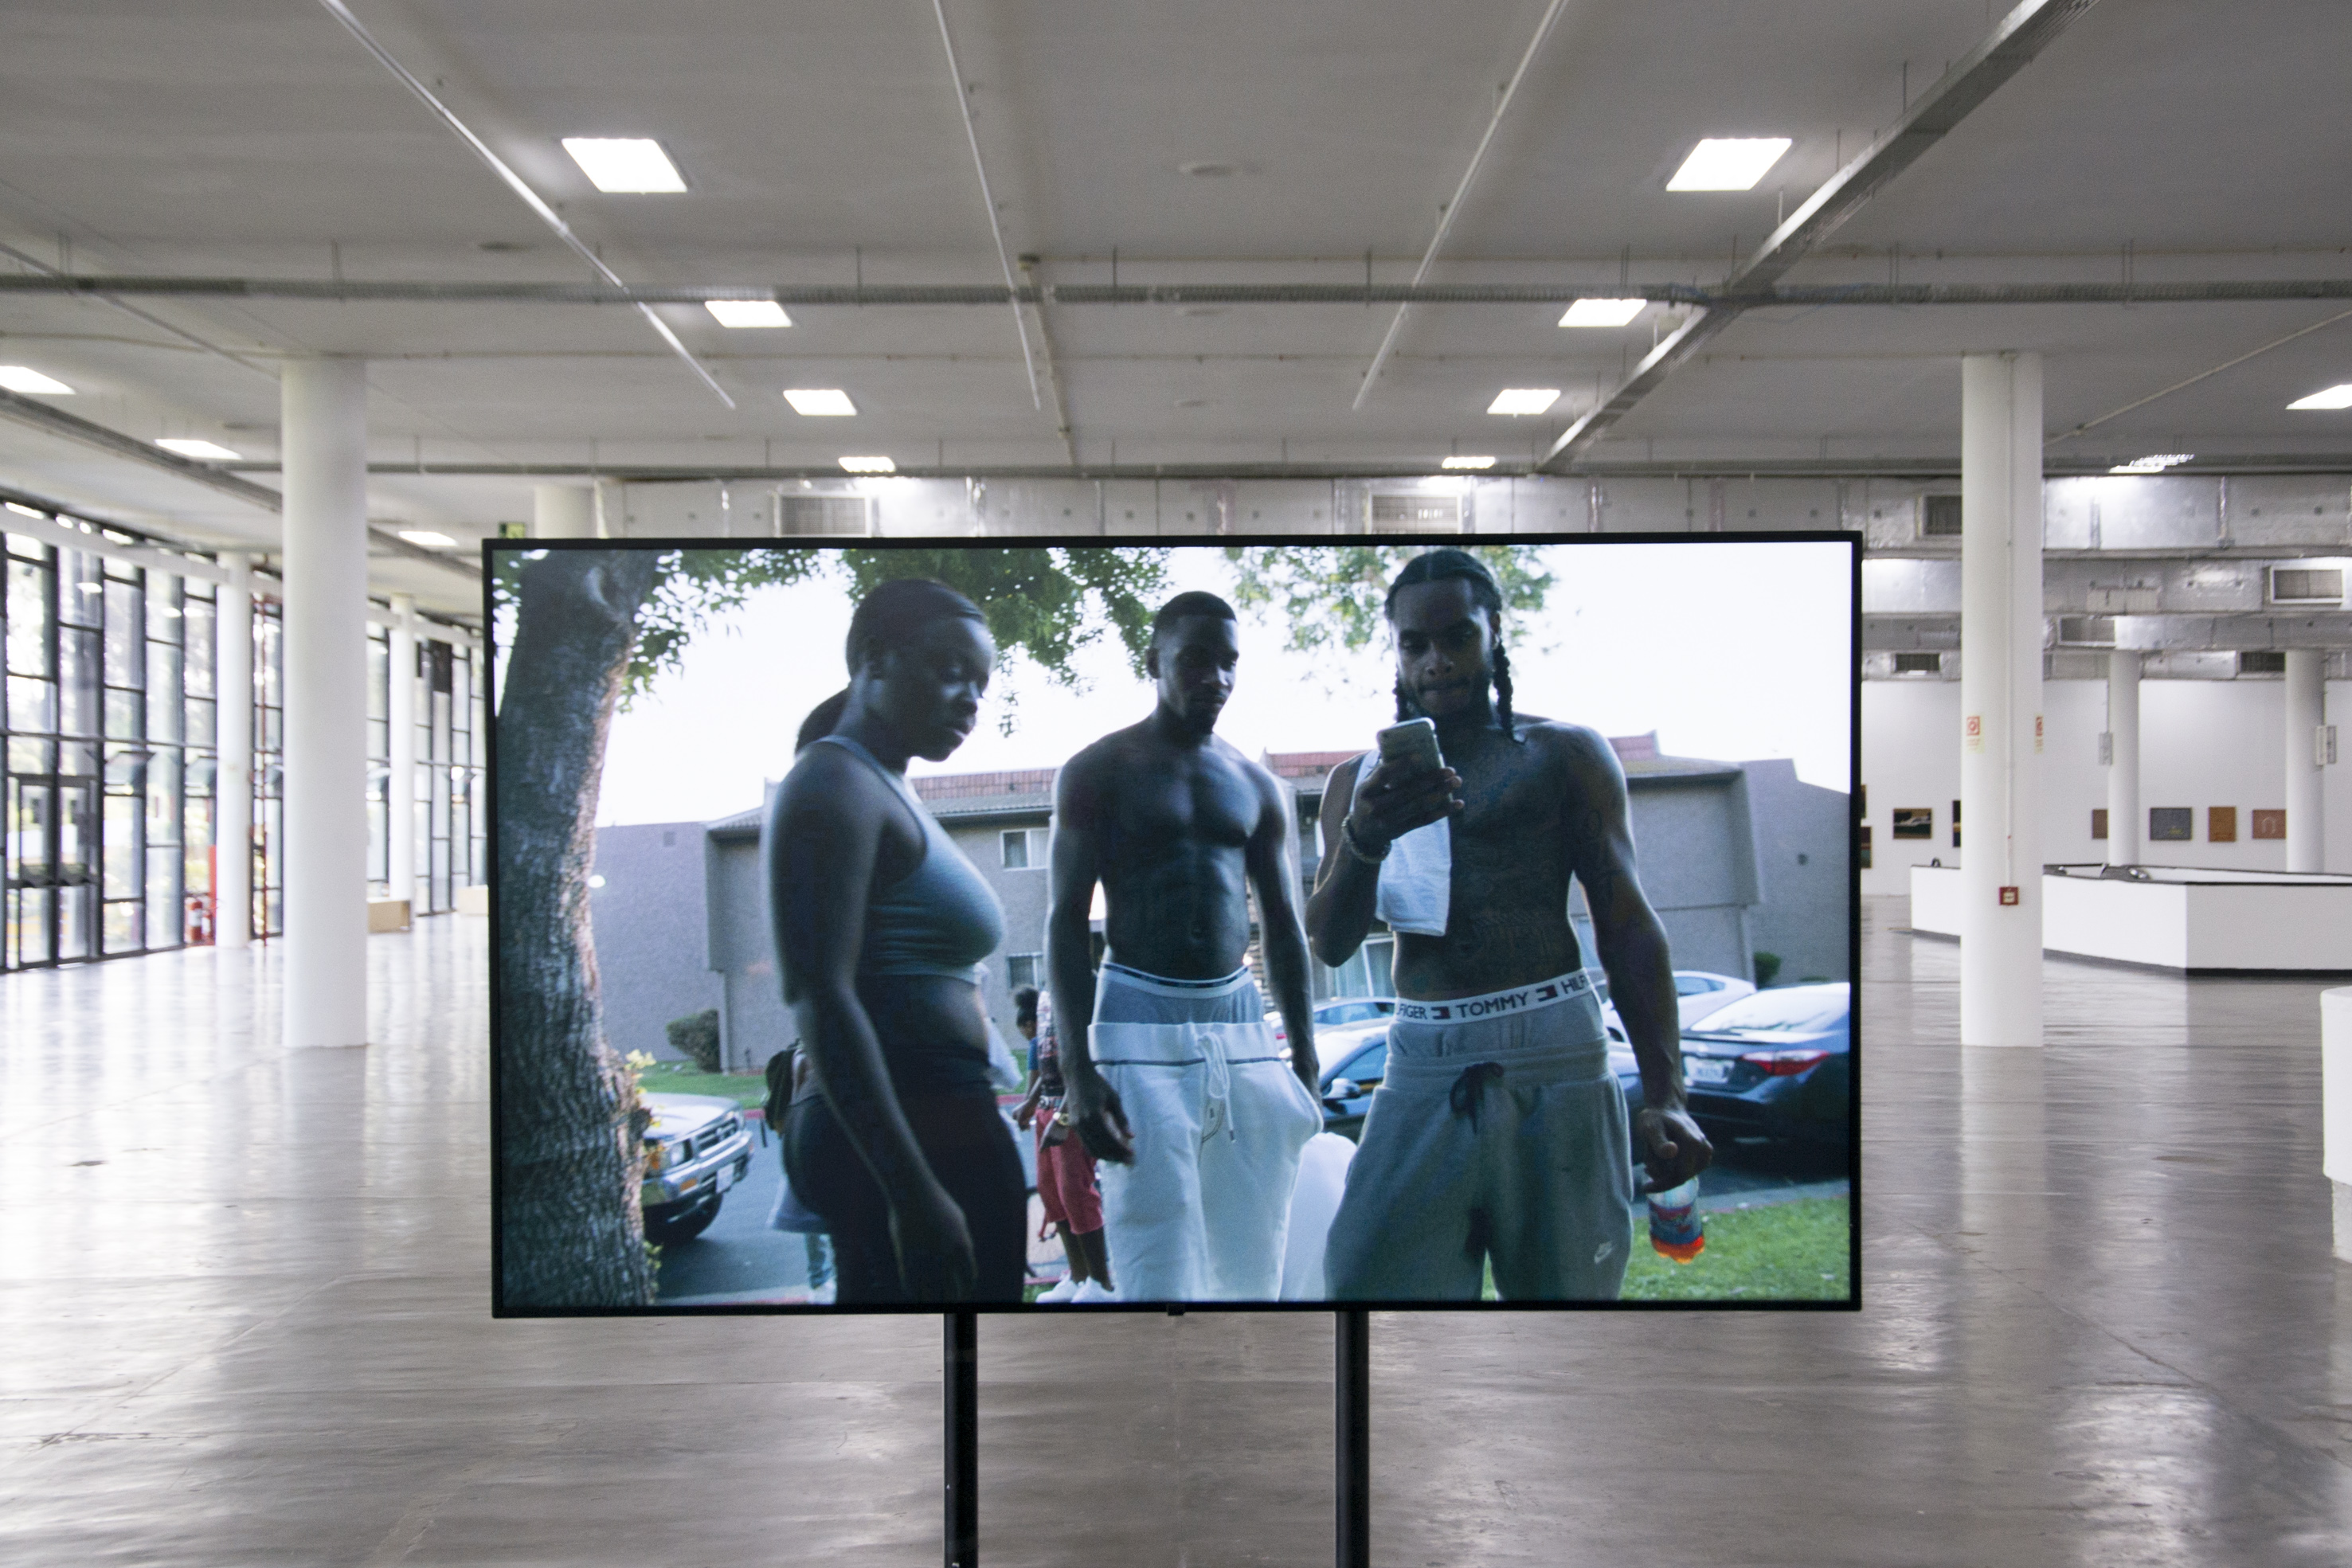 Vista da obra <i>Sem título (provisório)</i> (2018), de Deana Lawson na exposição <i>Vento</i>. Foto: Levi Fanan / Fundação Bienal de São Paulo  Sem título (provisório)